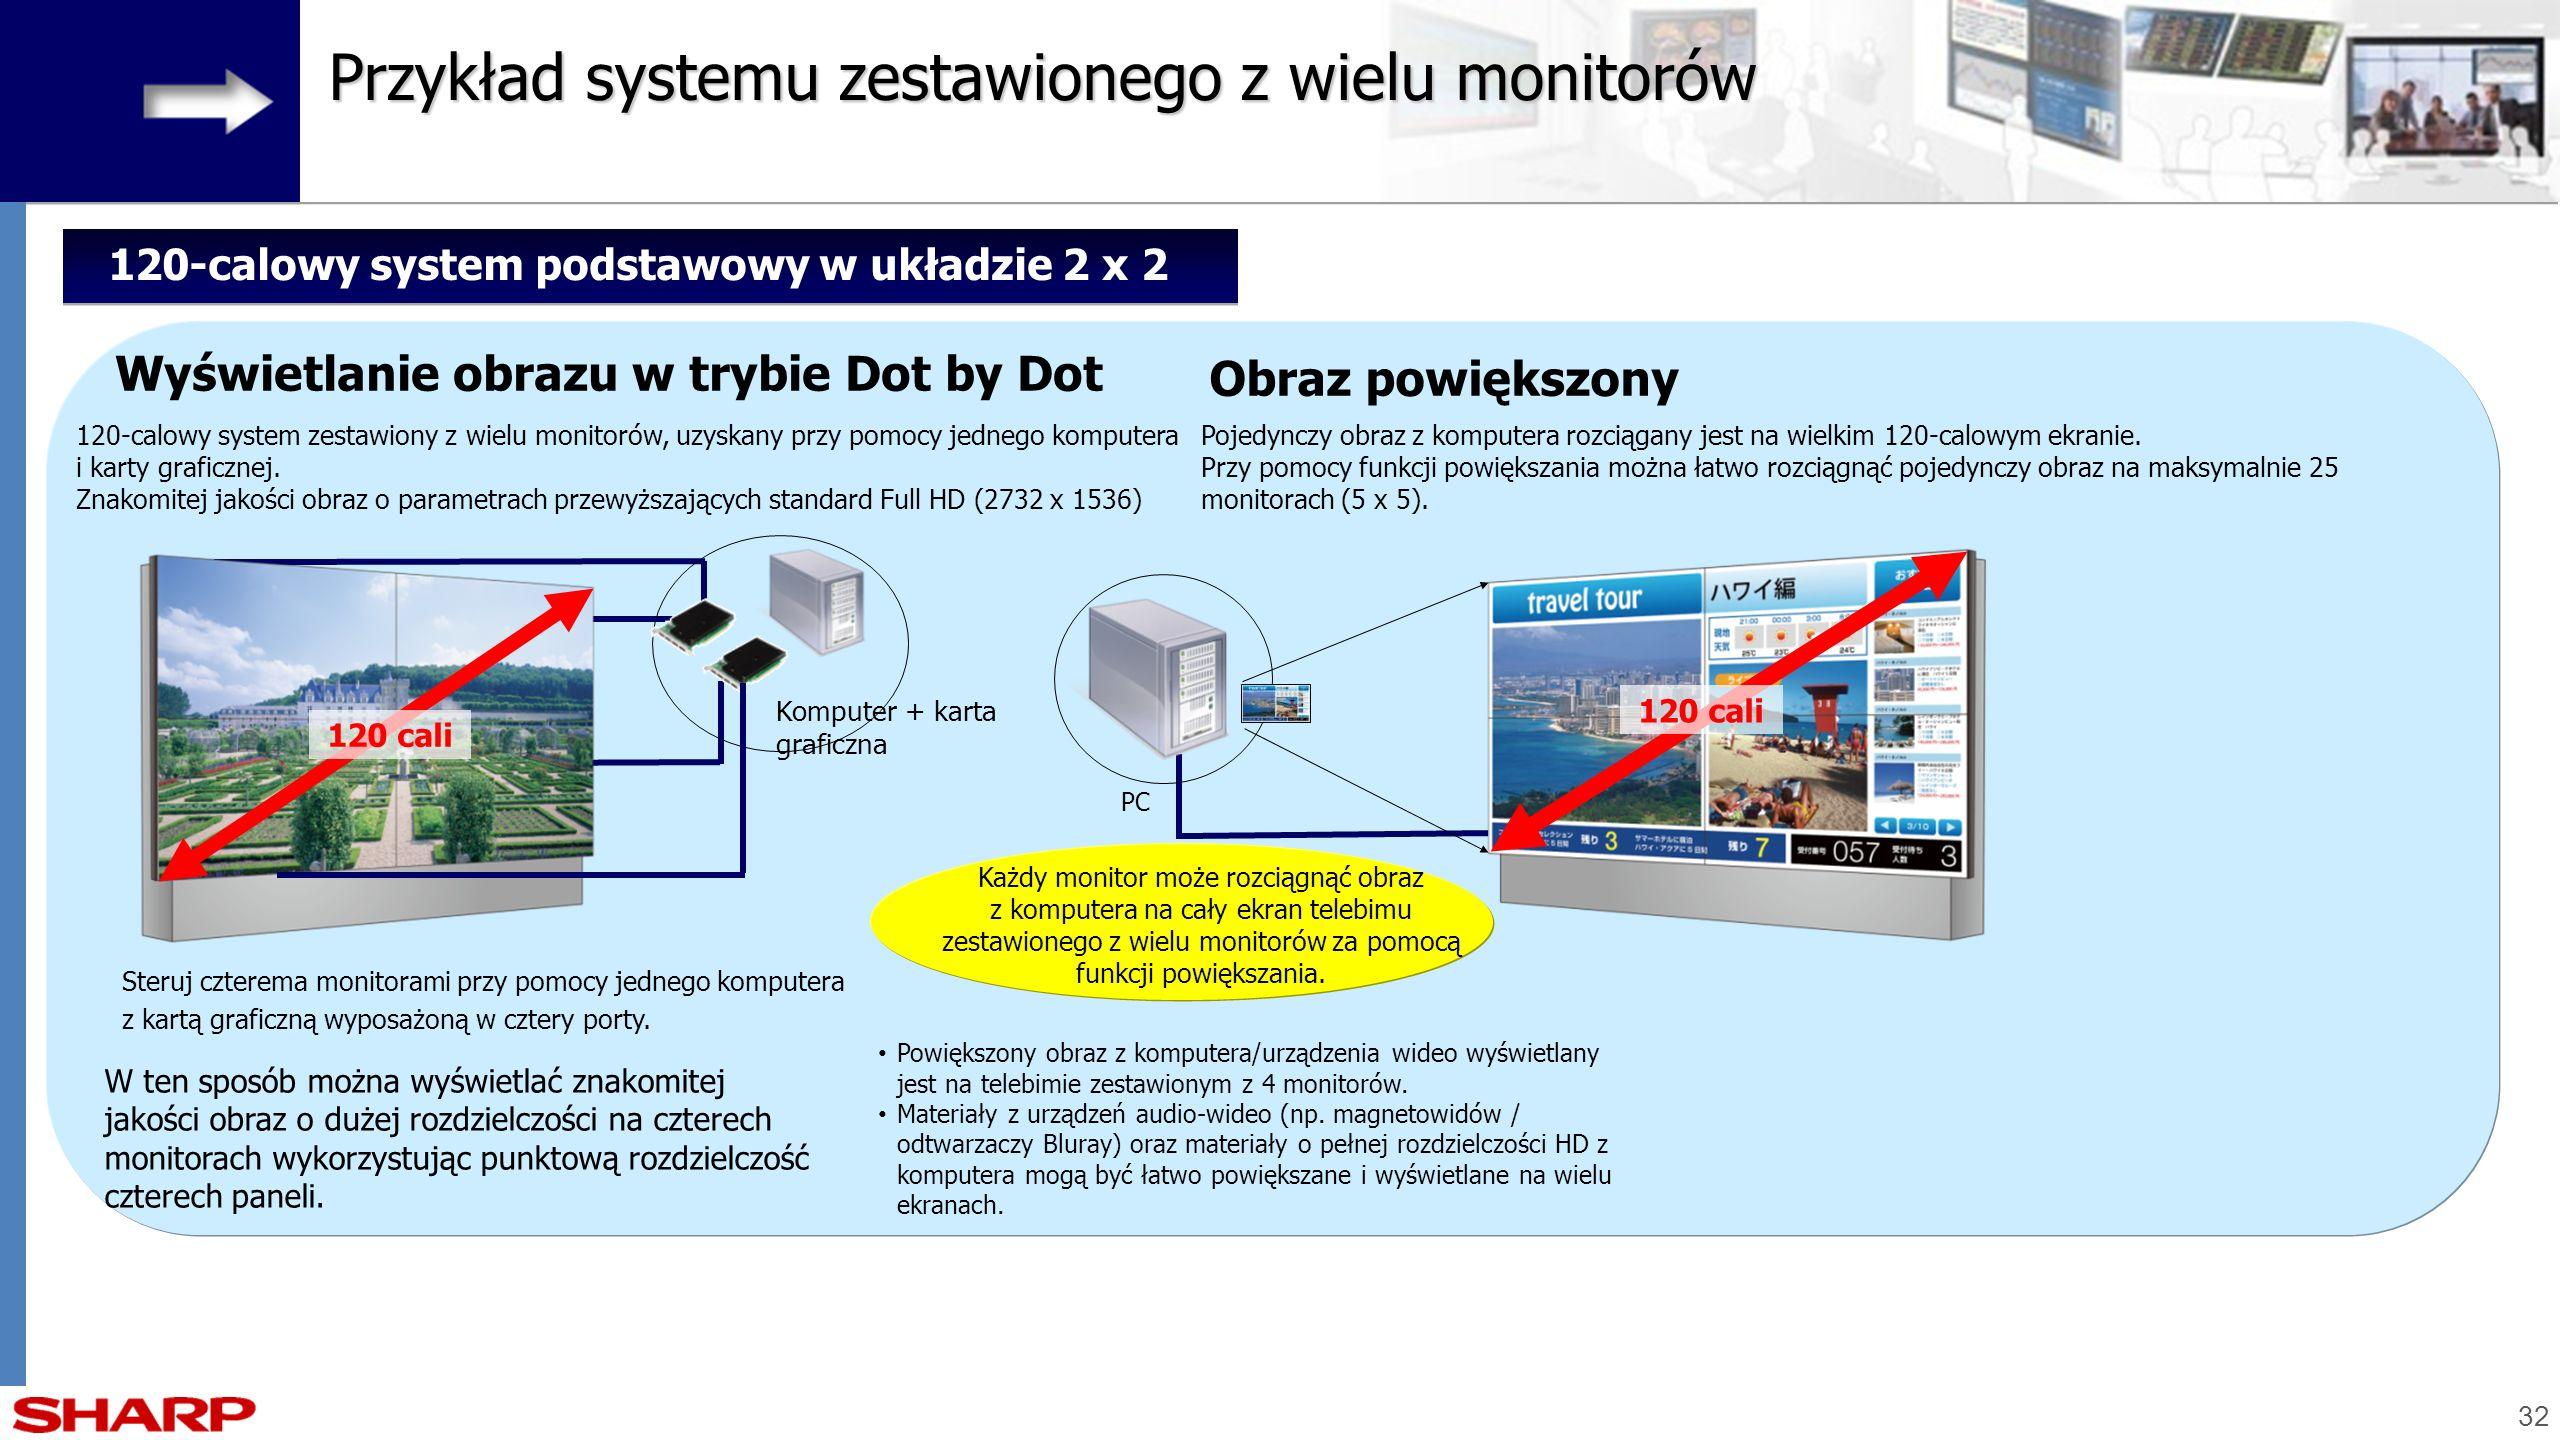 32 Steruj czterema monitorami przy pomocy jednego komputera z kartą graficzną wyposażoną w cztery porty. Komputer + karta graficzna 120 cali Wyświetla